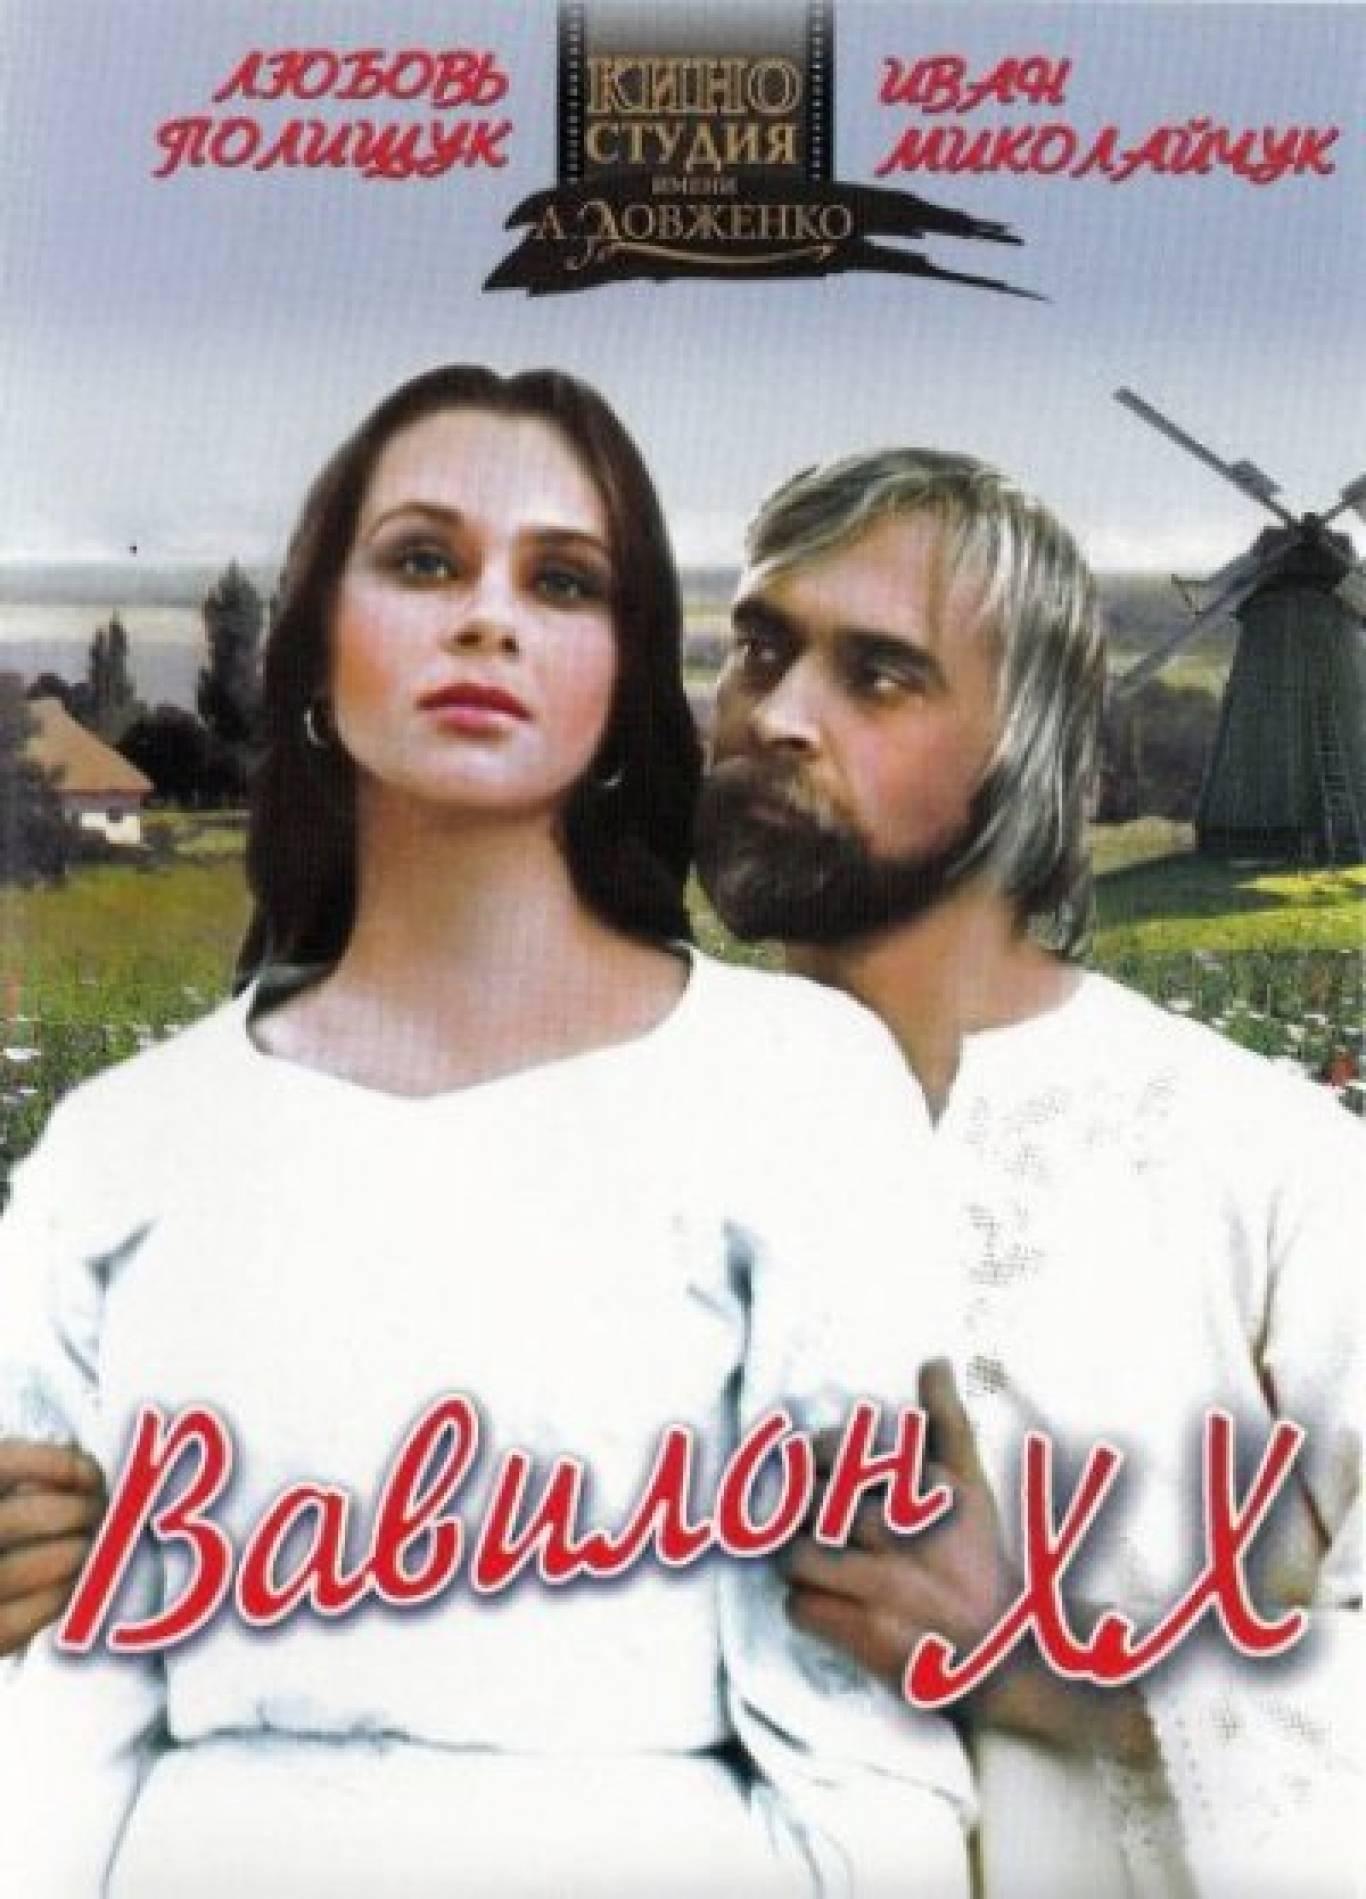 Кіноклуб «X Муза» запрошує на перегляд та обговорення фільму «Вавилон XX»